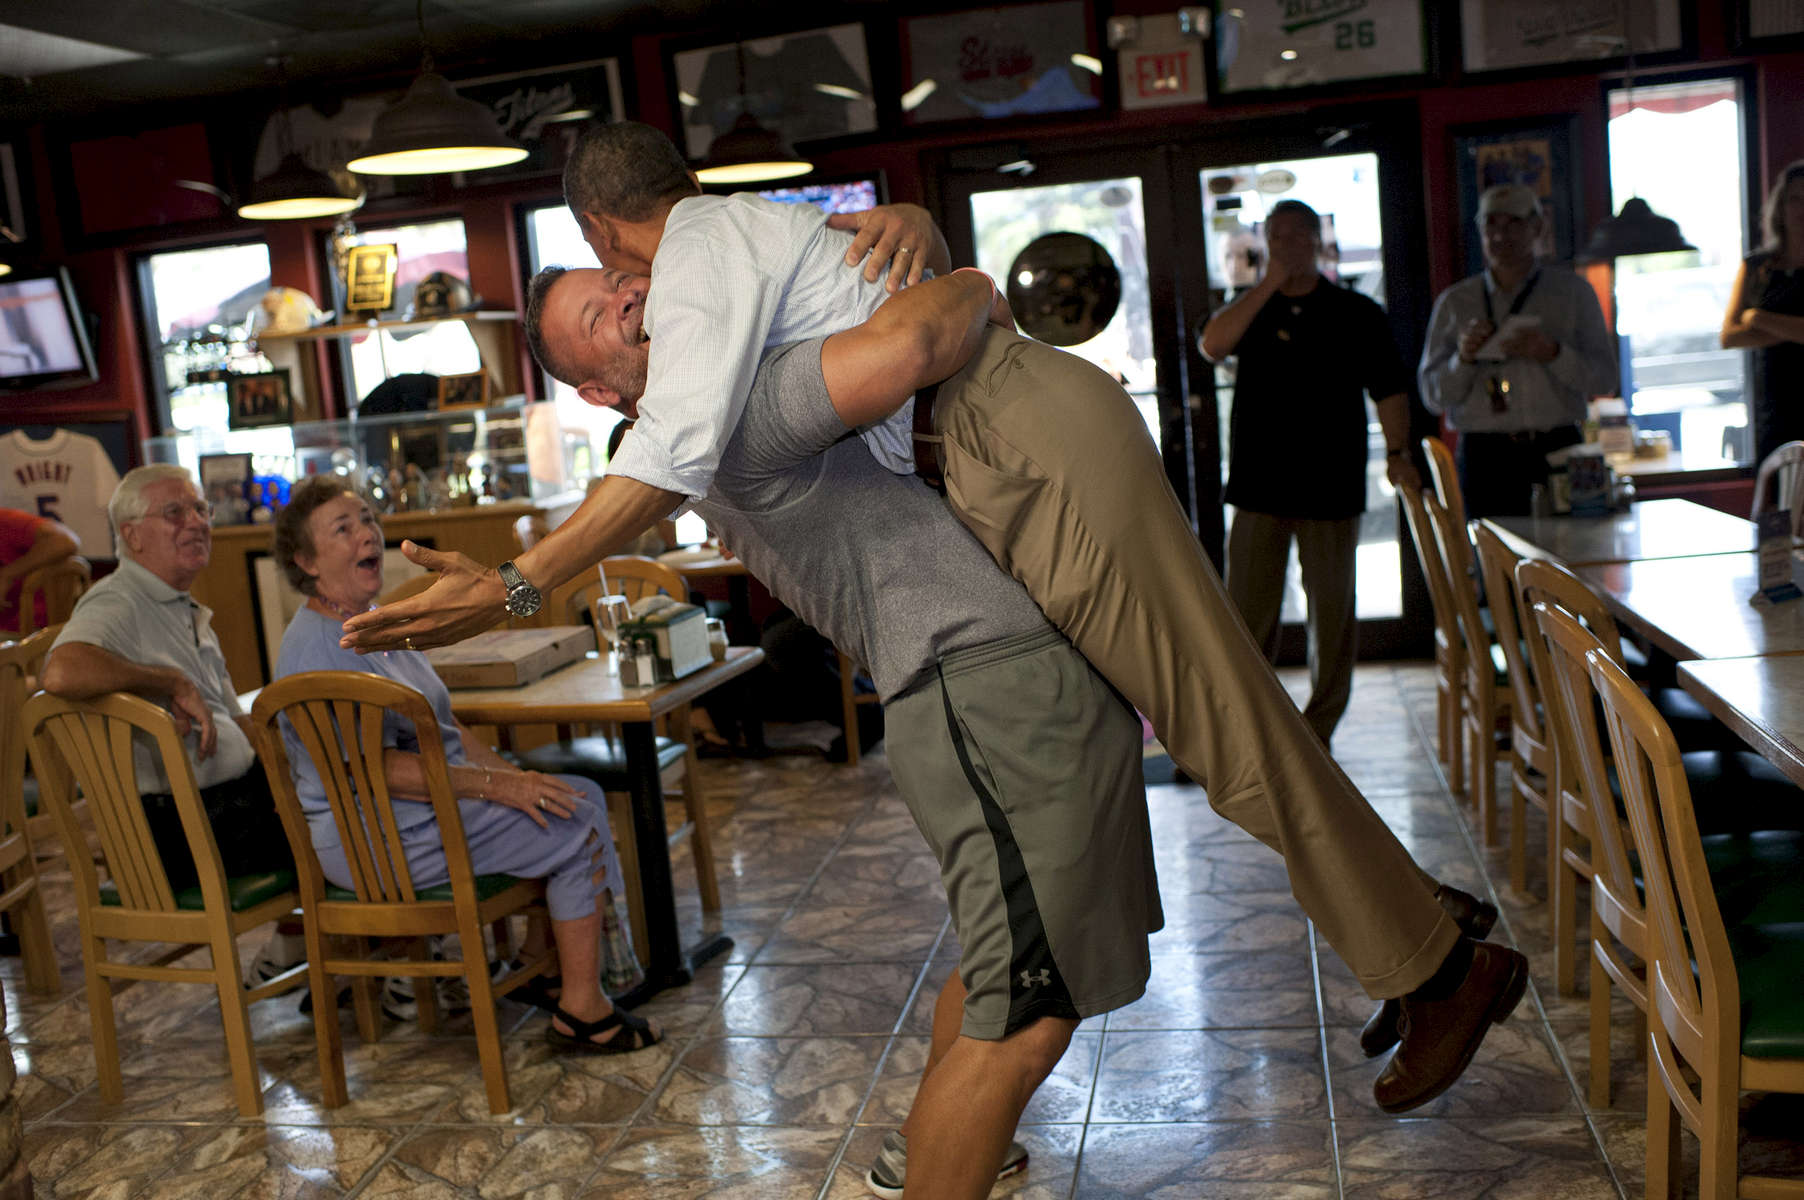 September 9, 2012 - Fort Pierce, FL: Big Apple Pizza owner Scott Van Duzer hoists President Barack Obama up in an exuberant bear hug during the President's surprise visit to Van Duzer's shop in Ft. Pierce, Florida. (Scout Tufankjian for Obama for America/Polaris)